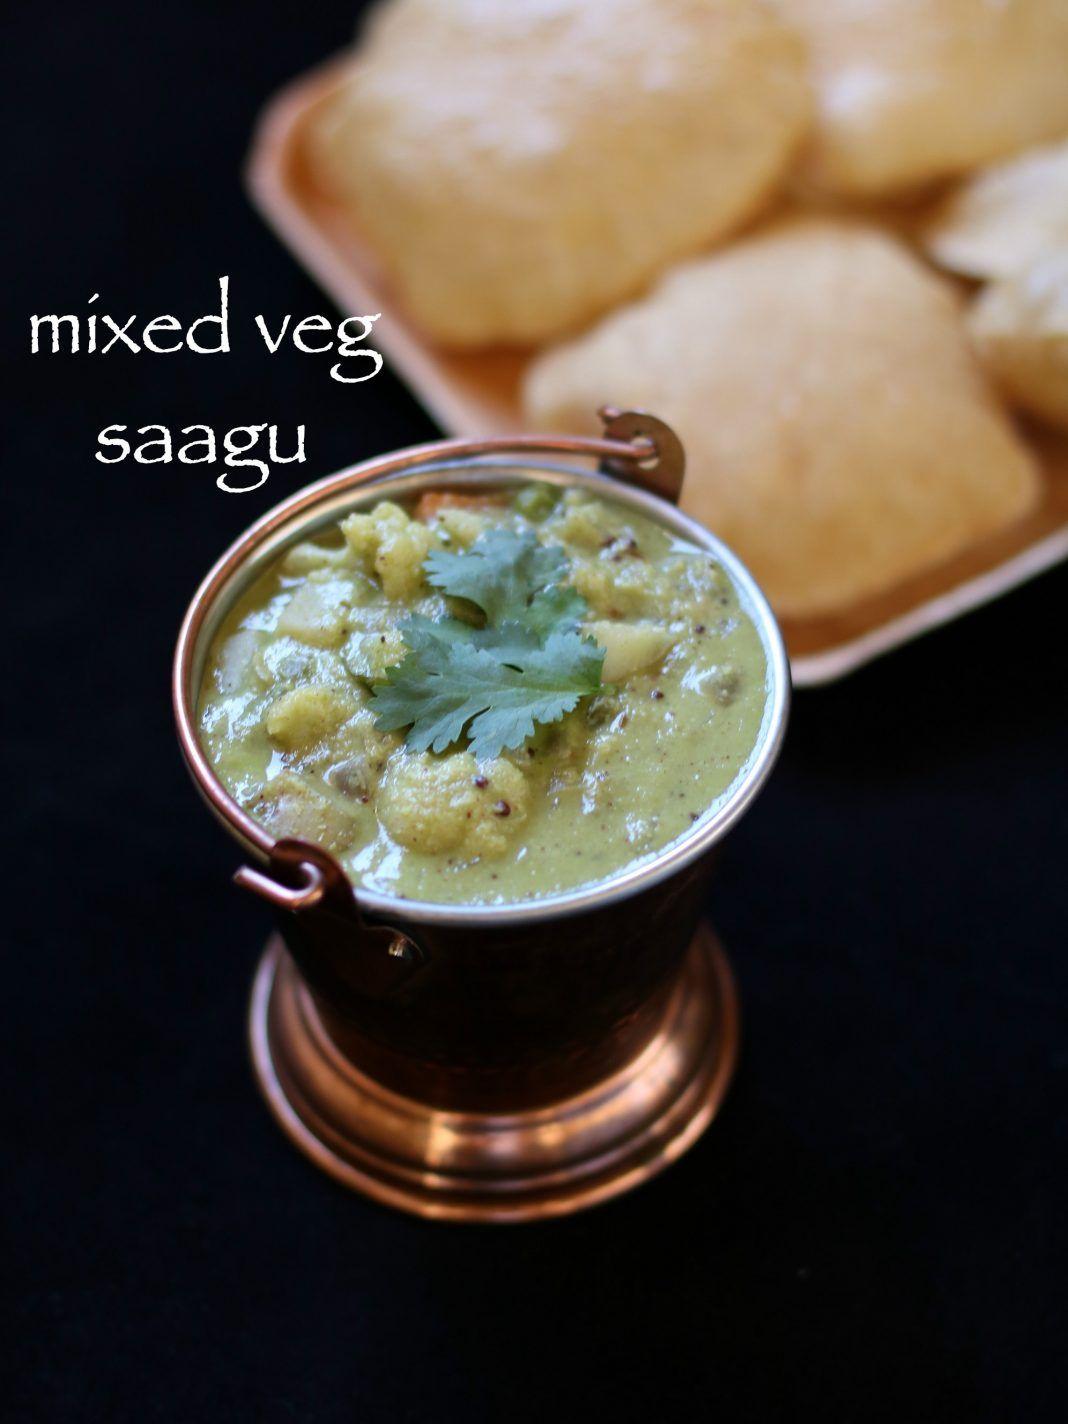 sagu recipe mixed veg sagu recipe vegetable saagu